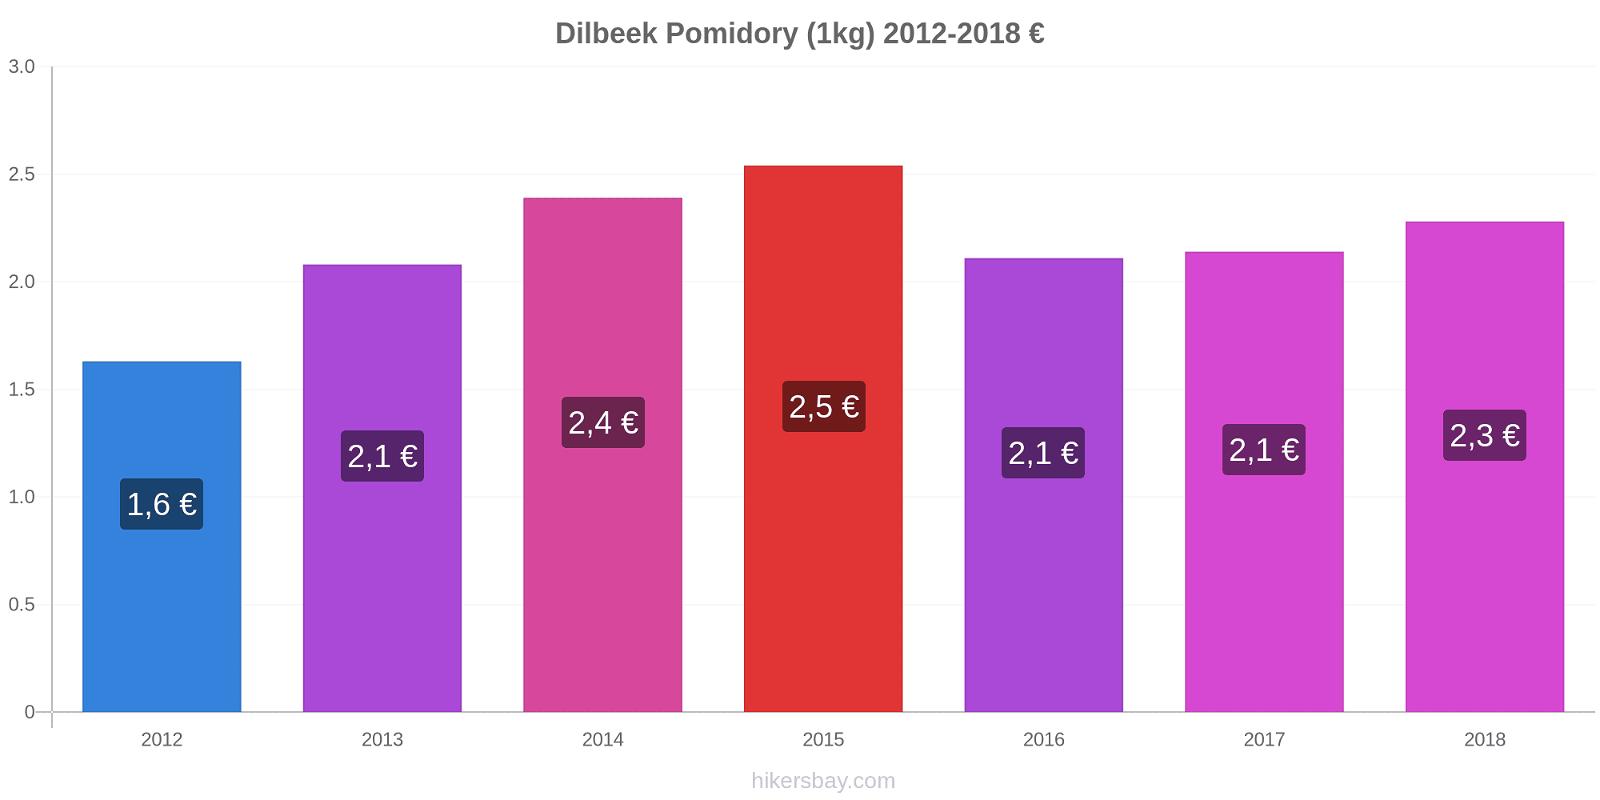 Dilbeek zmiany cen Pomidory (1kg) hikersbay.com